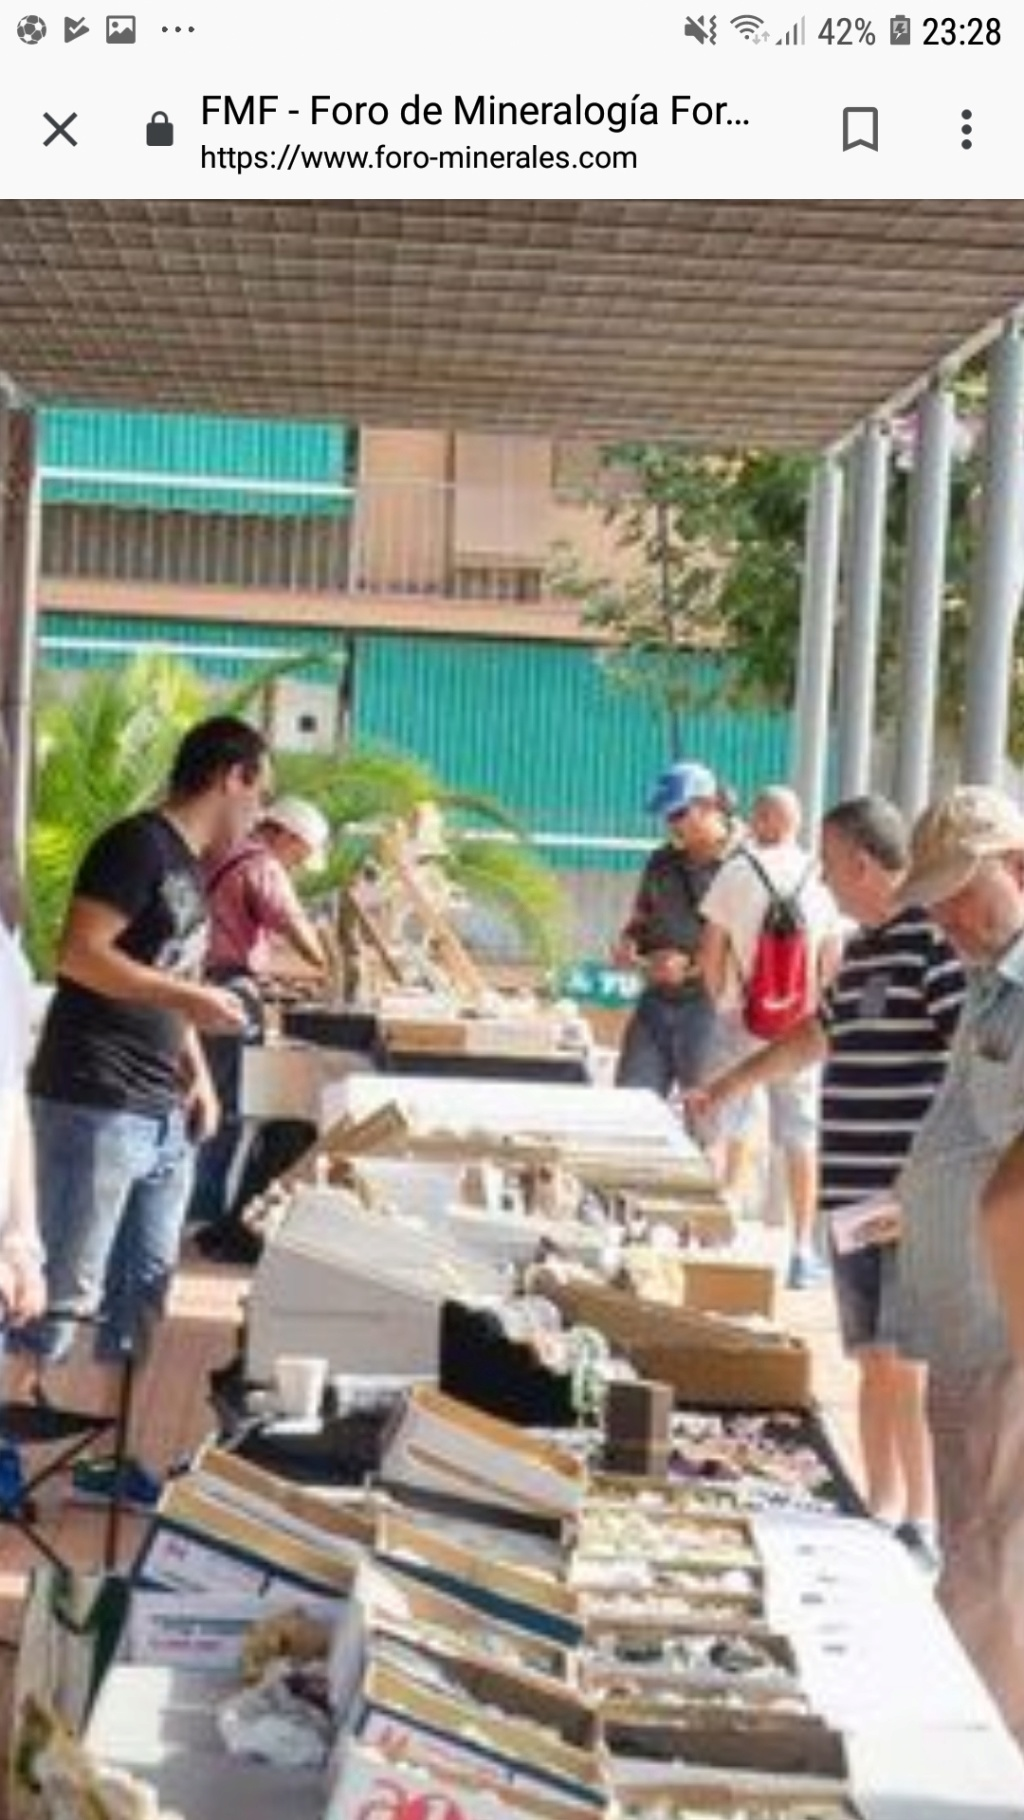 I Feria de minerales intercambio y venta de Cártama (MÁLAGA) - Página 7 Screen15